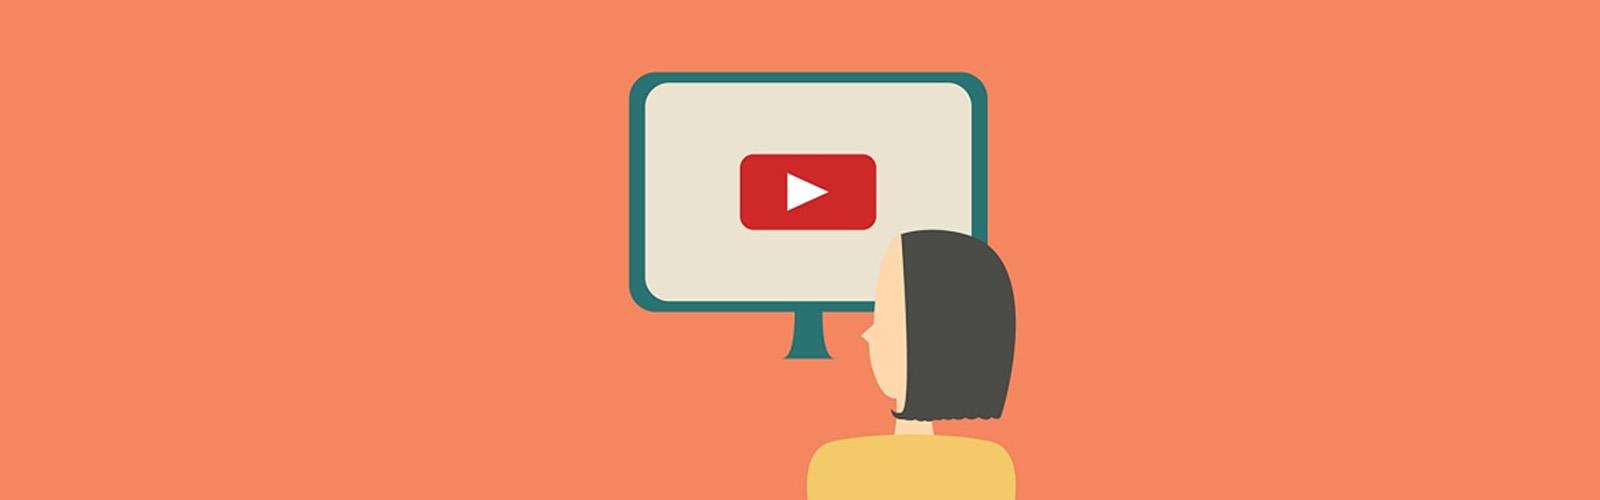 YouTube para músicos: sete dicas para aumentar sua visibilidade online